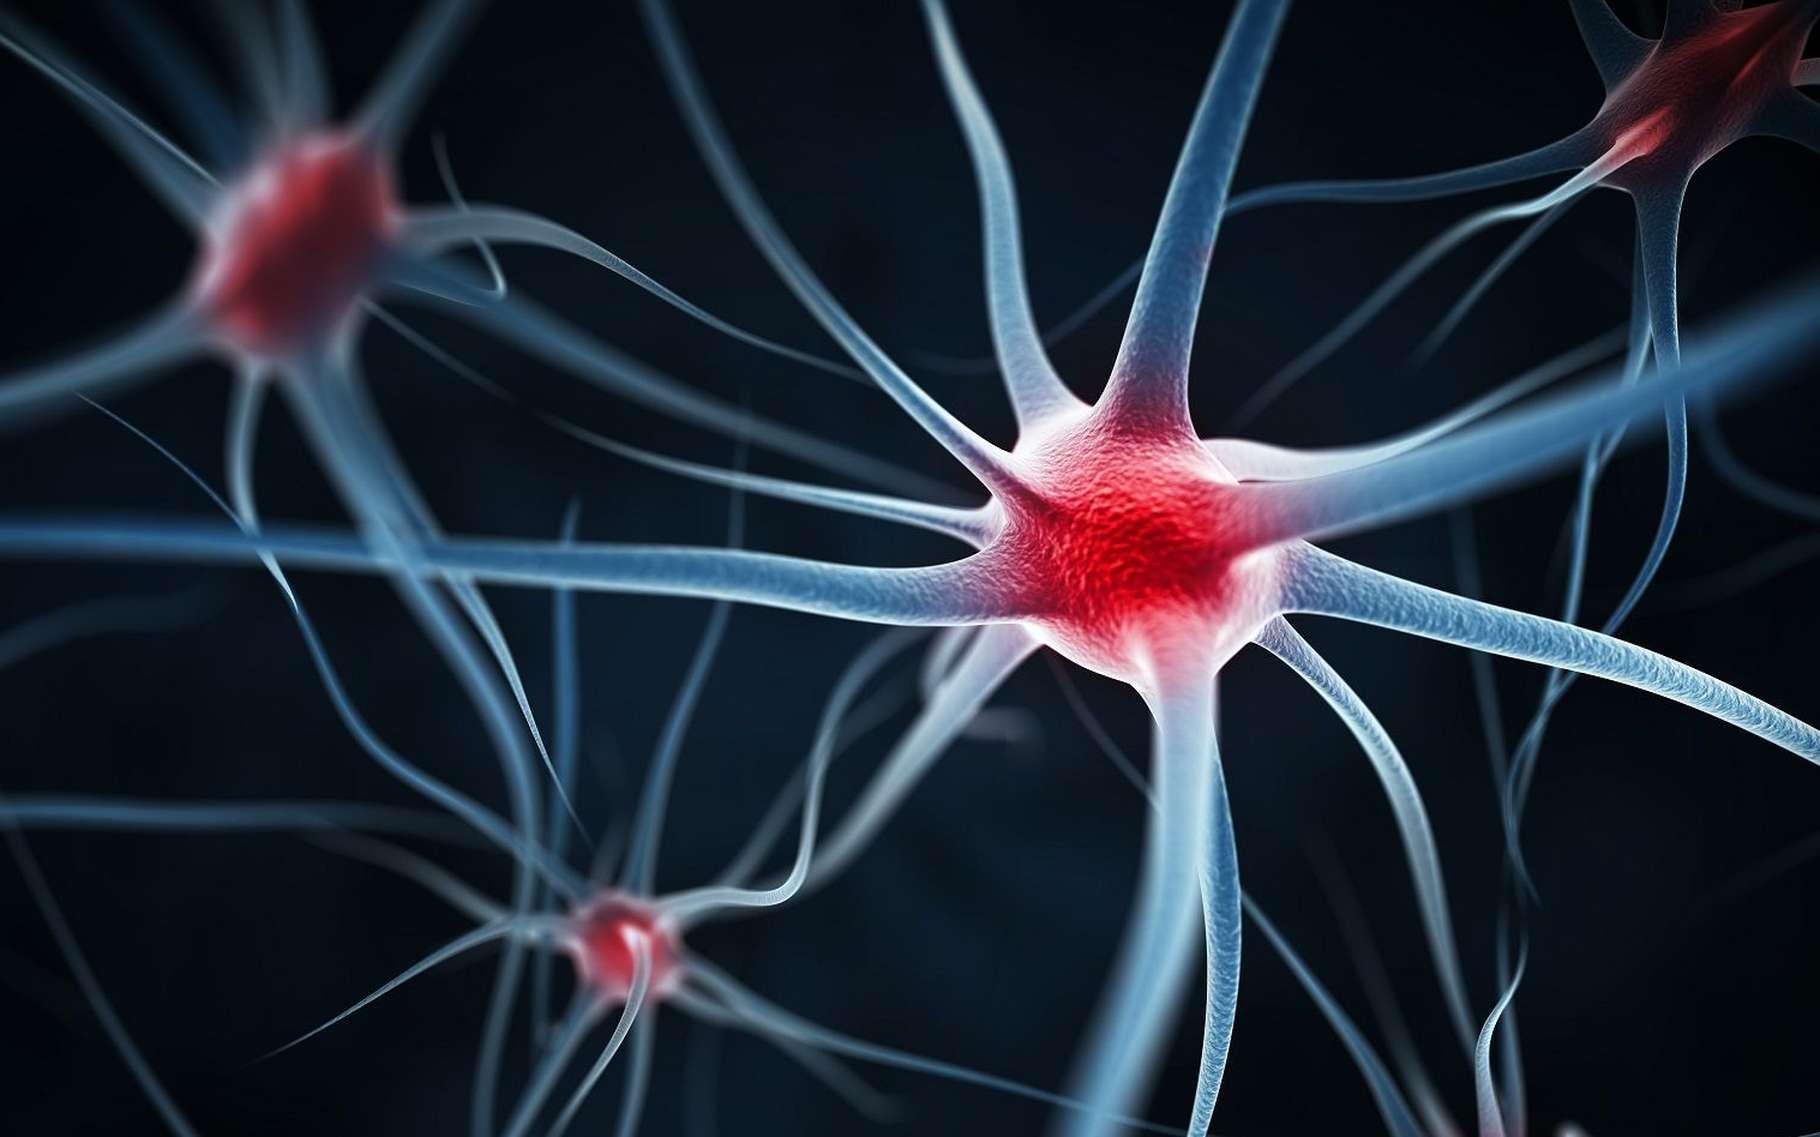 Chez les vertébrés, les prolongements des neurones par lesquels part l'influx nerveux (les axones) sont protégés par une gaine de myéline, une substance composée de protéines et de lipides qui est secrétée par des cellules entourant la fibre. La myéline facilite le passage de l'influx nerveux et en augmente la vitesse de propagation. Des maladies peuvent l'altérer. C'est le cas de la sclérose en plaques qui touche les fibres du système nerveux central (cerveau et moelle épinière). © Leigh Prather, Shutterstock